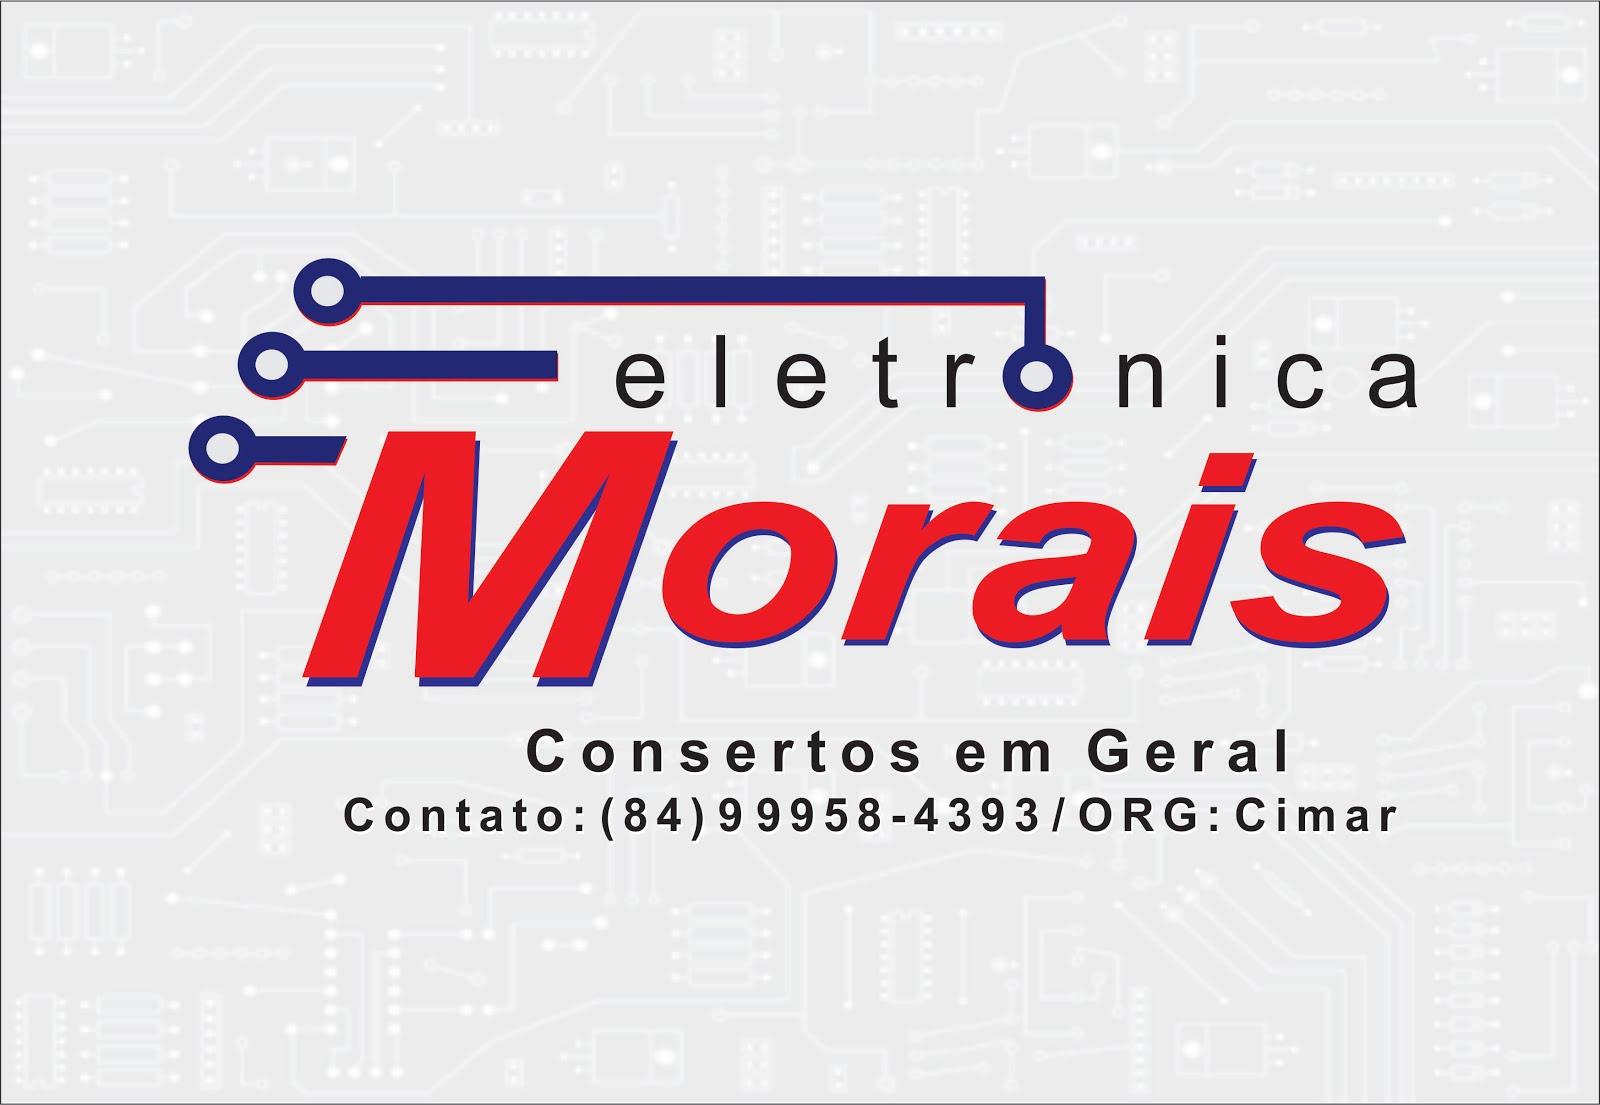 Eletrônica Morais